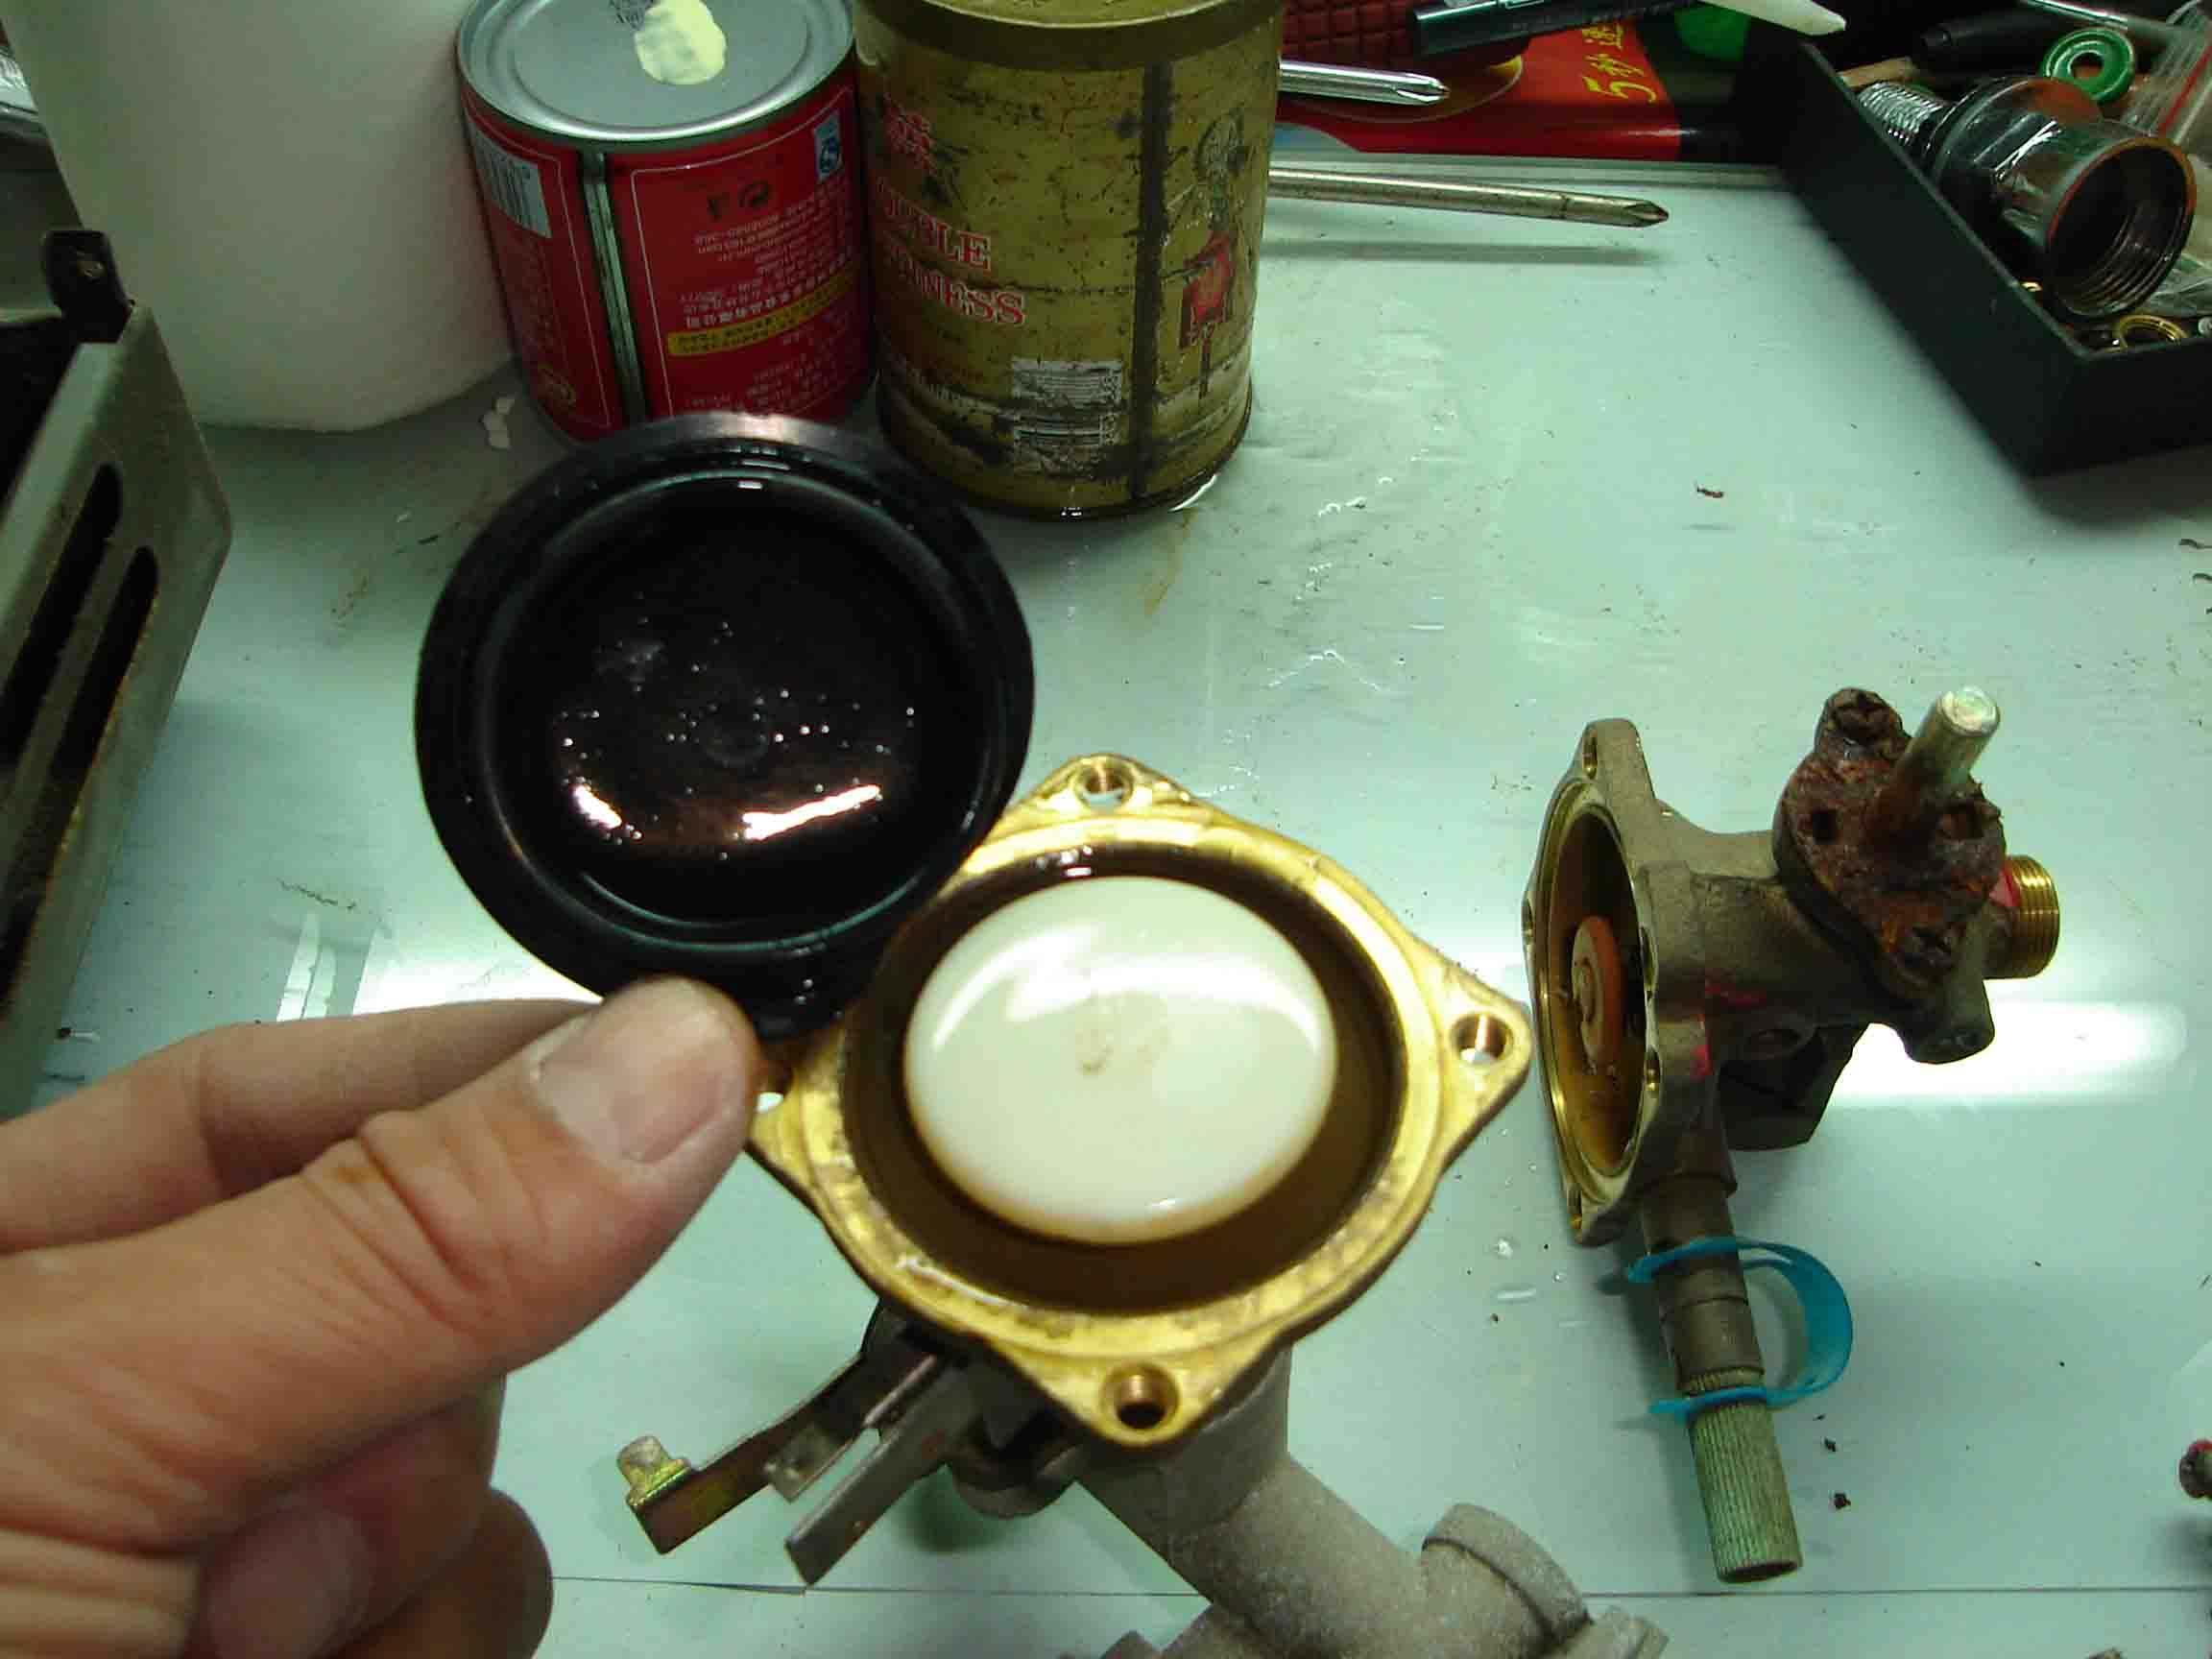 热水器打不着火的原因有很多 解决方法也不少图片